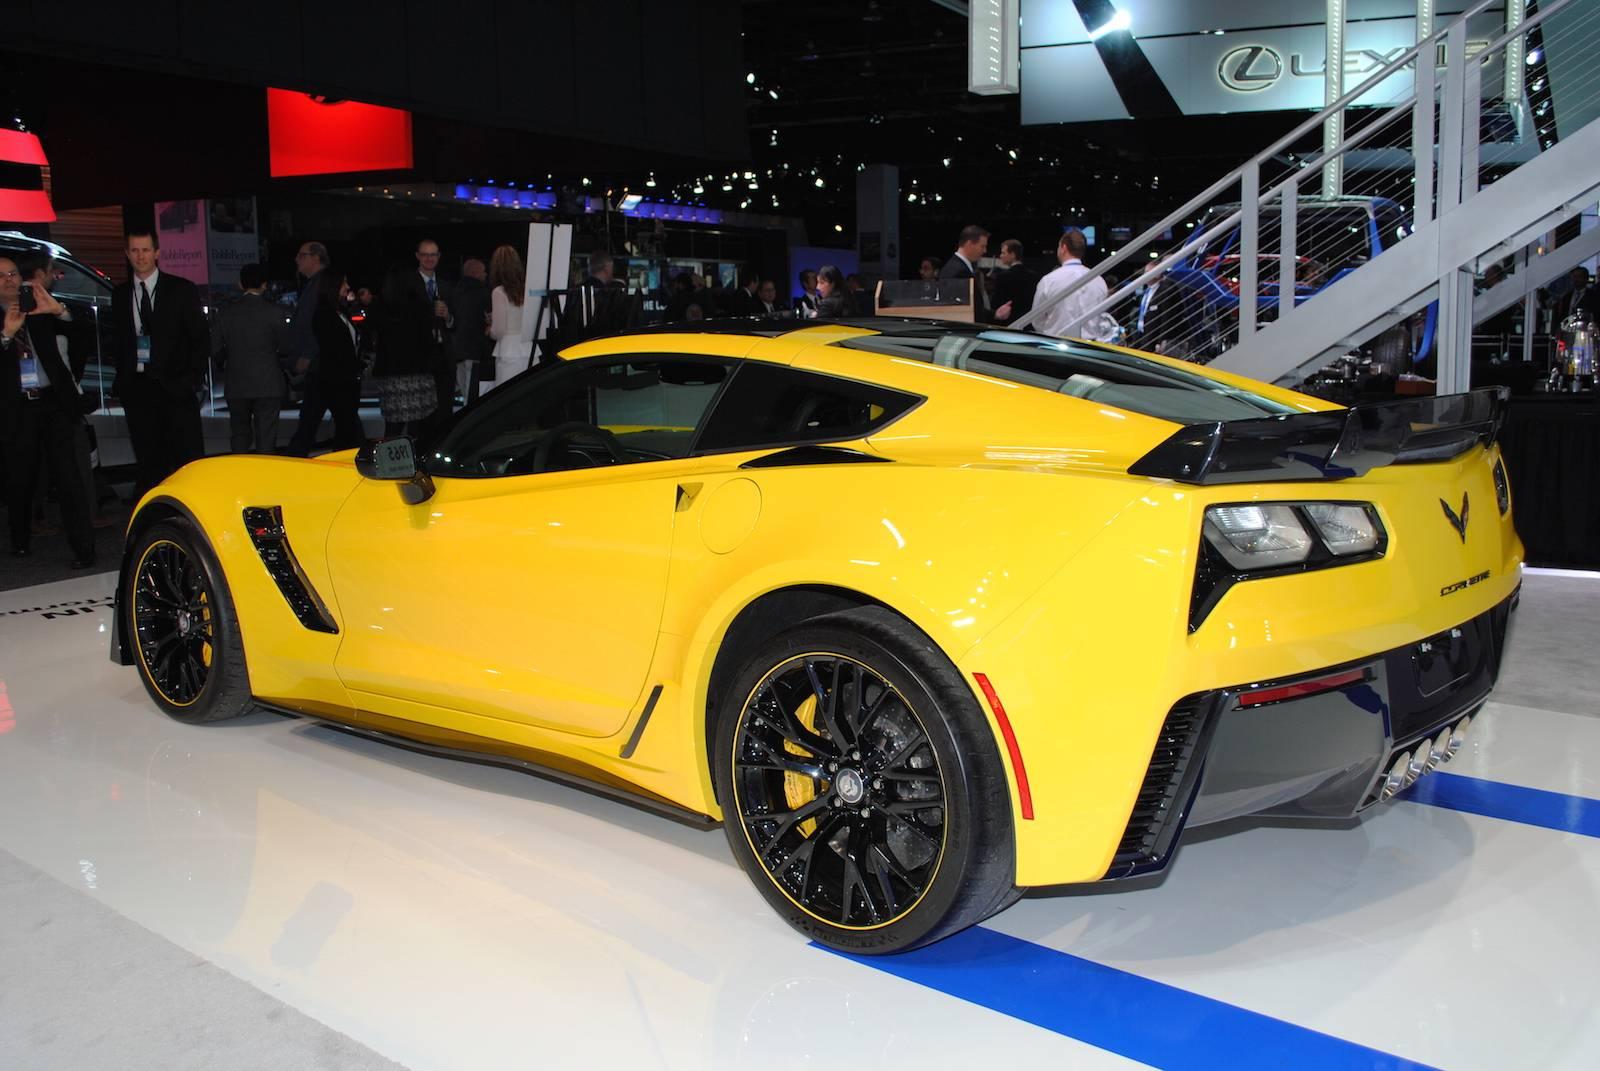 2016 Corvette Z07 >> Detroit 2016: Chevrolet Corvette Z06 C7.R Edition - GTspirit